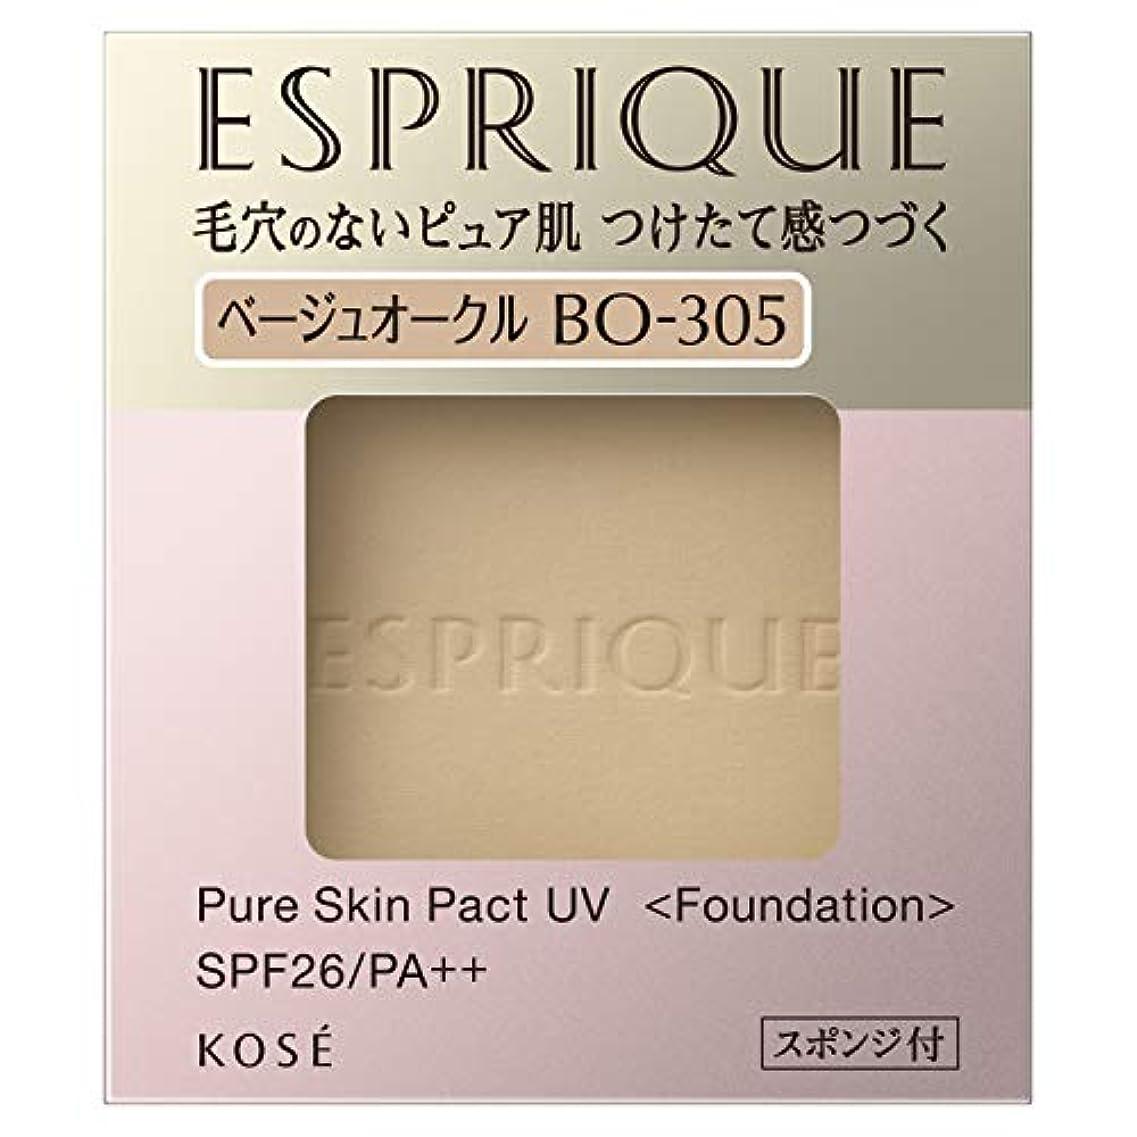 ダメージ慣習有能なエスプリーク ピュアスキン パクト UV BO-305 ベージュオークル 9.3g